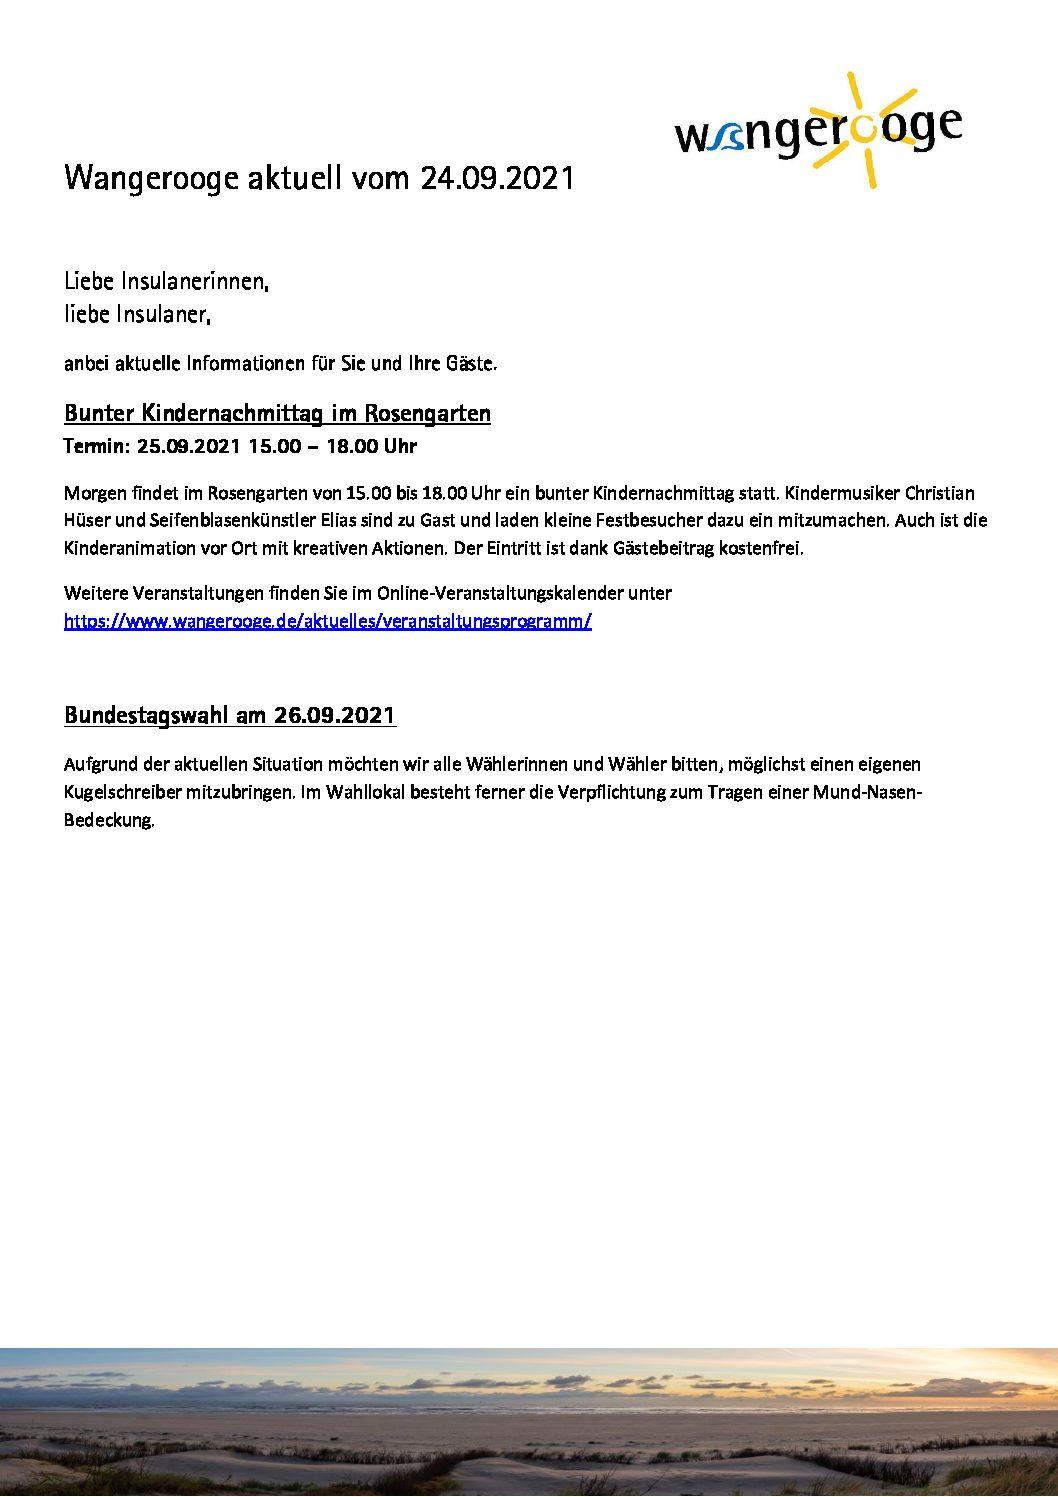 24.09.2021 Wangerooge Aktuell der Kurverwaltung